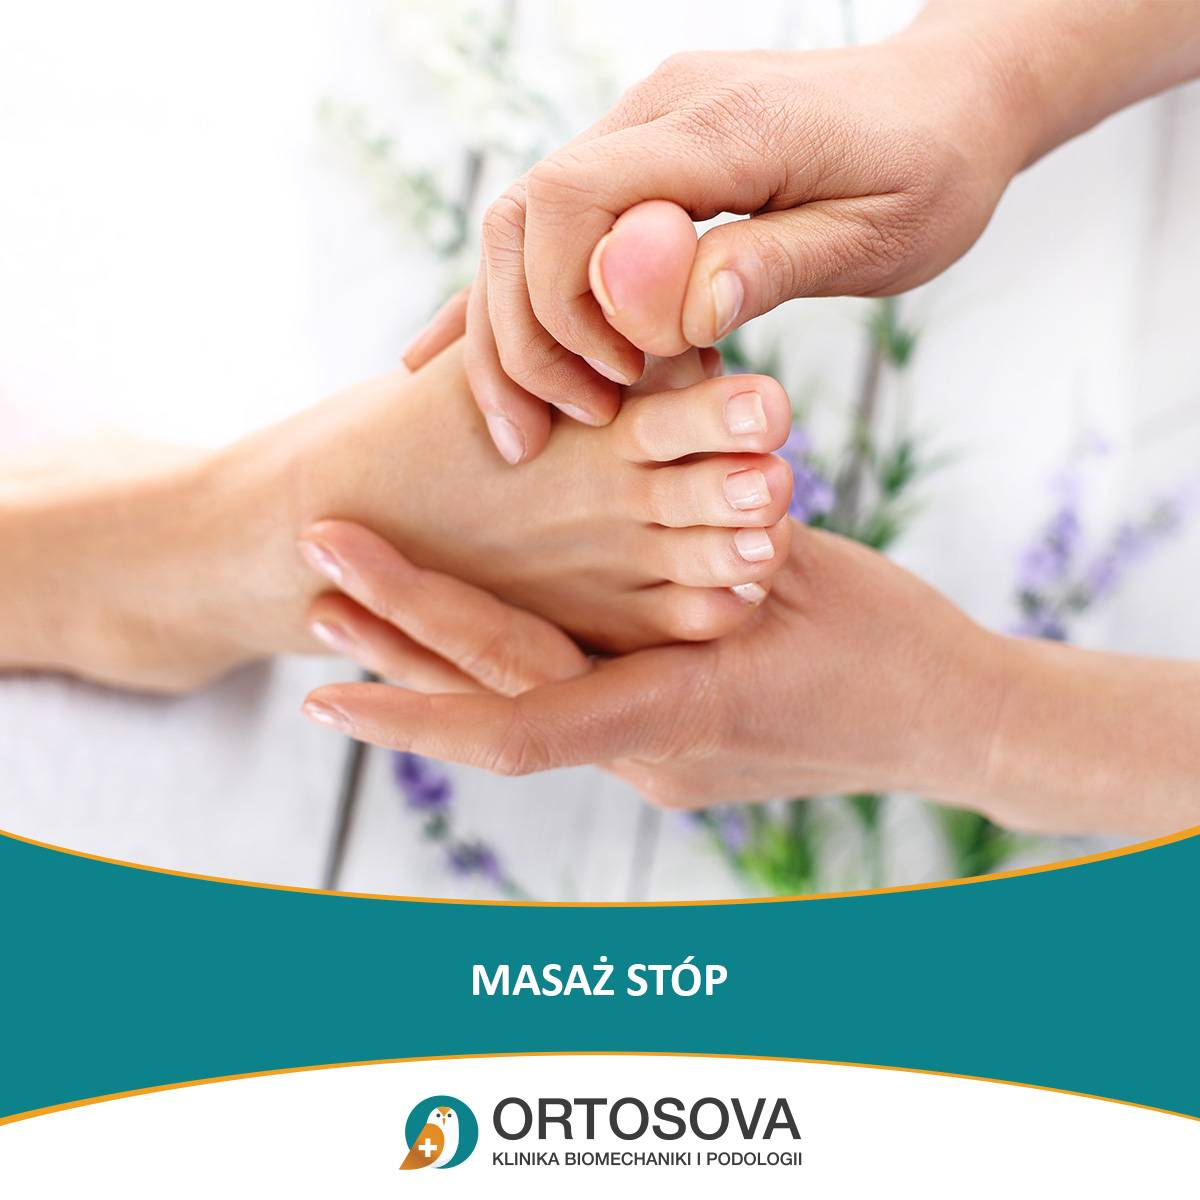 ORTO_MASAZ_STOP.jpg